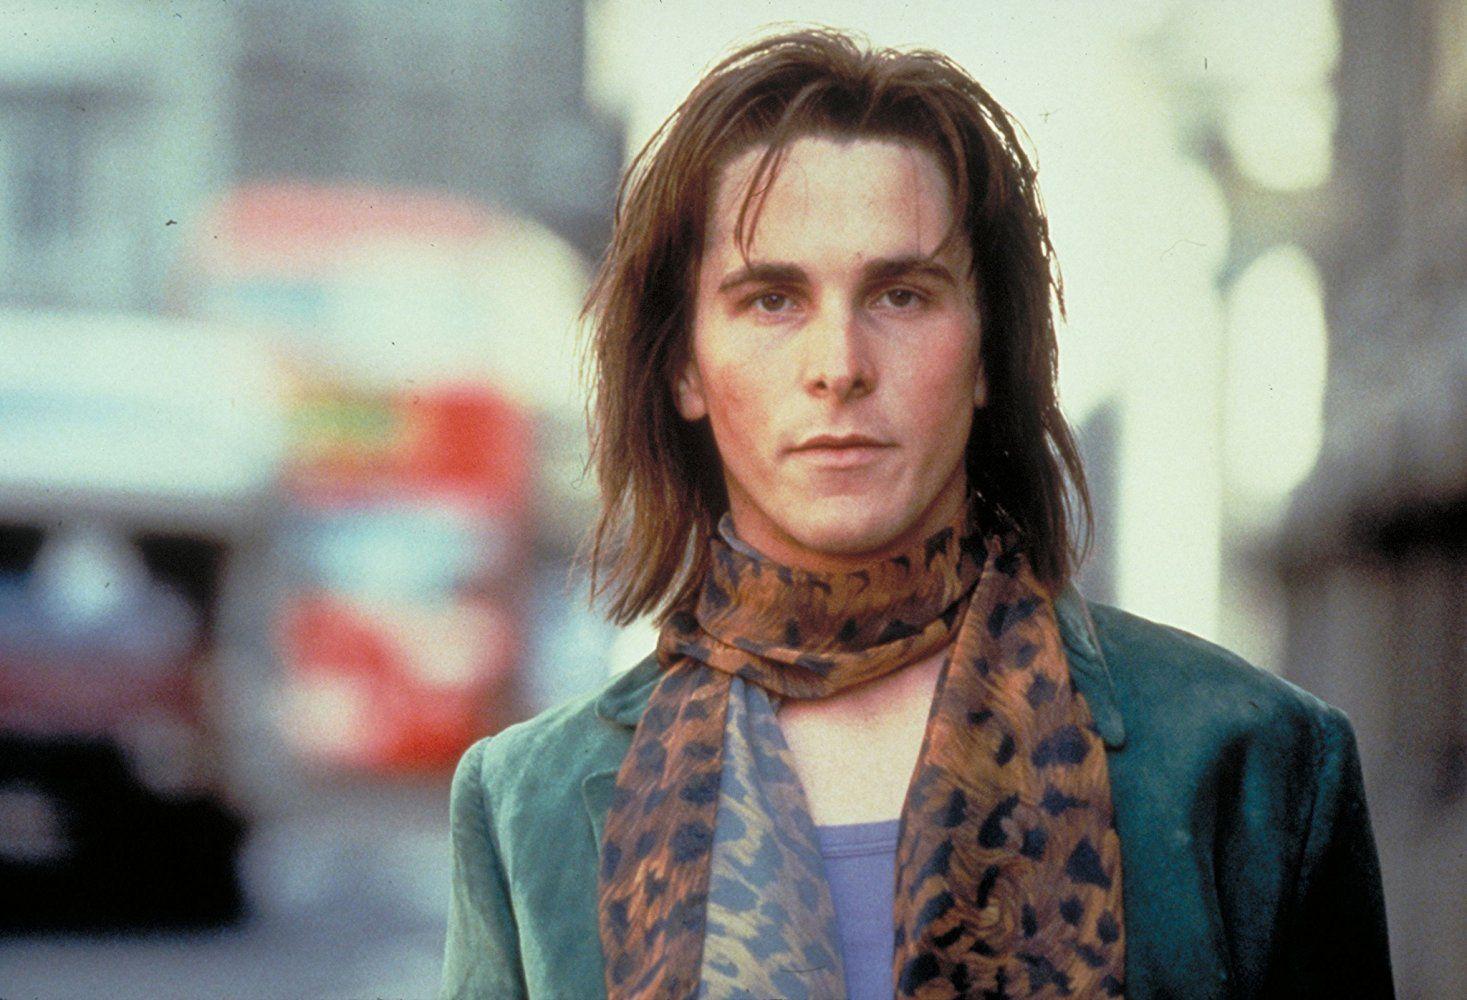 """Christian Bale in """"Velvet Goldmine"""" (Todd Haynes 1998)"""